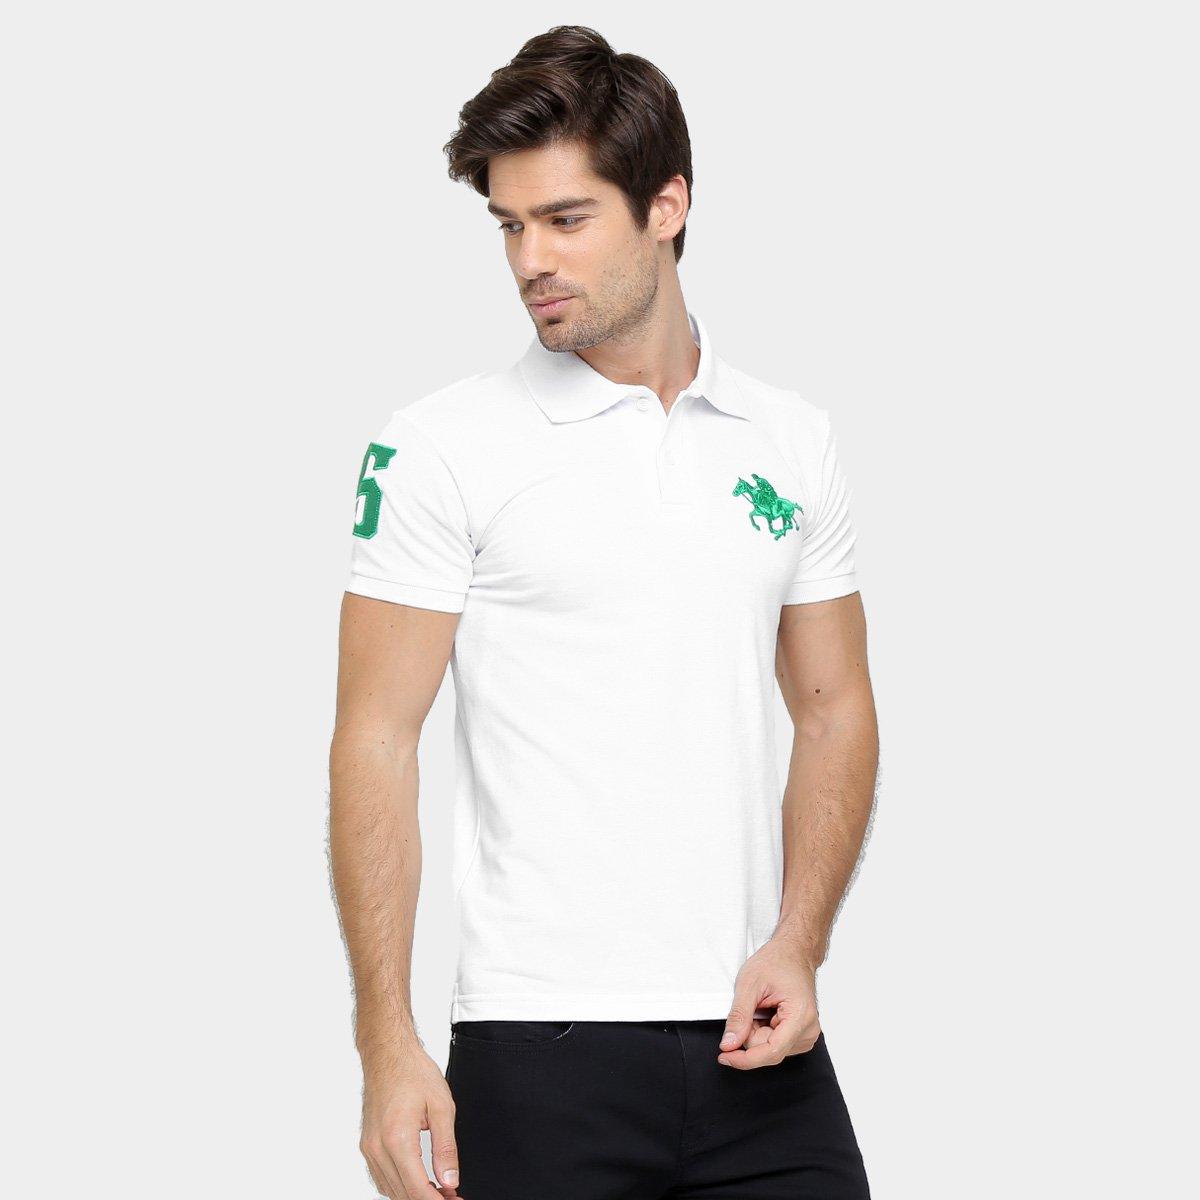 Camisa Polo Rg 518 Piquet Bordado Contraste Color 3c26adf522ccf